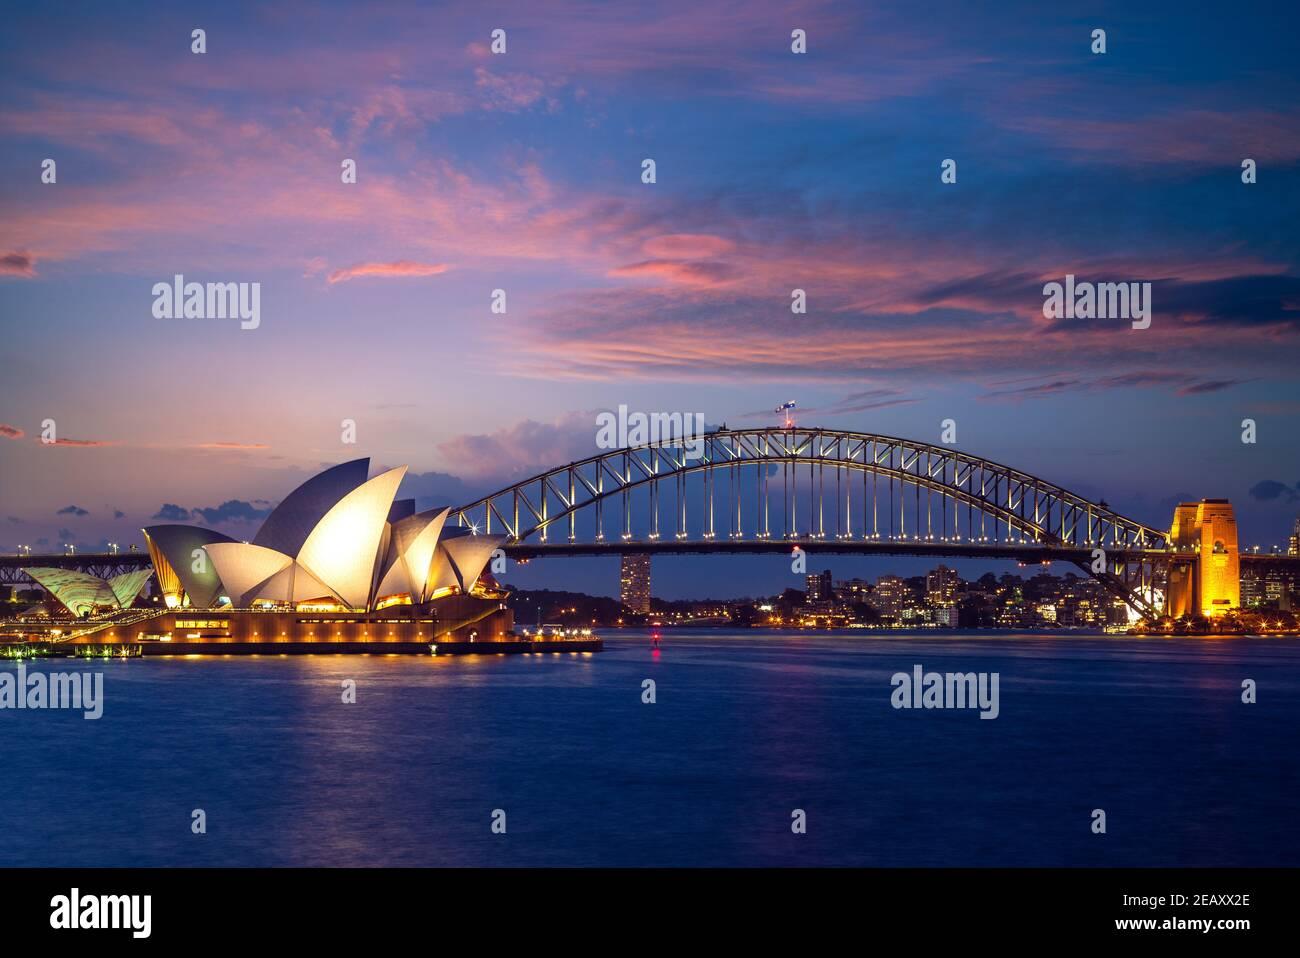 5 de enero de 2019: Sydney Opera House, un centro de artes escénicas multi-sede en el puerto de Sydney, ubicado en Sydney, Nueva Gales del Sur, Australia. Se convirtió en un Foto de stock